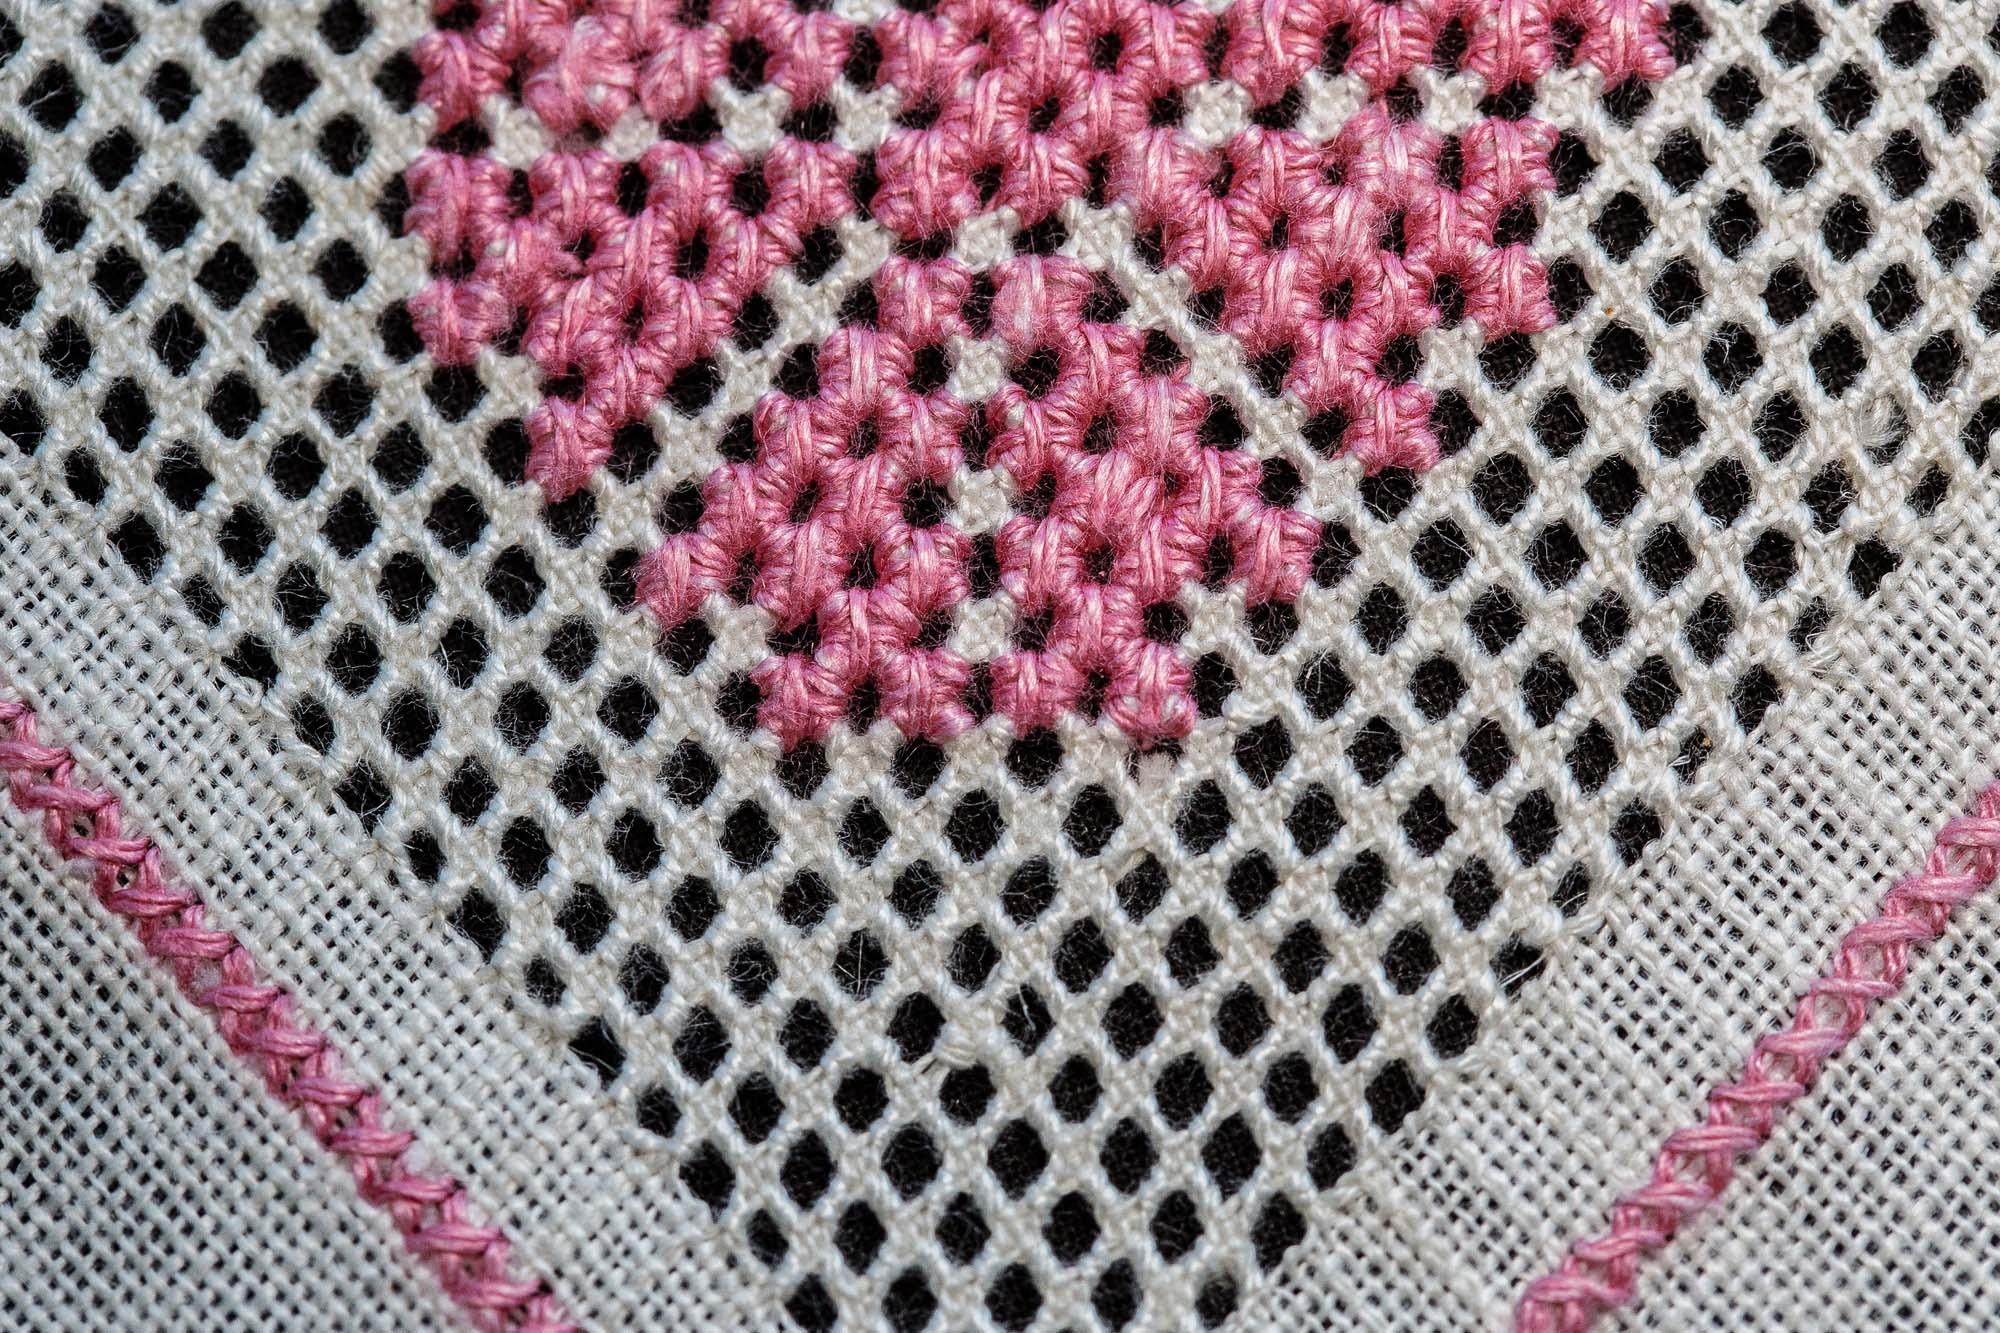 Gästrikenäversöm med rosa mönsterstygn på vit botten.